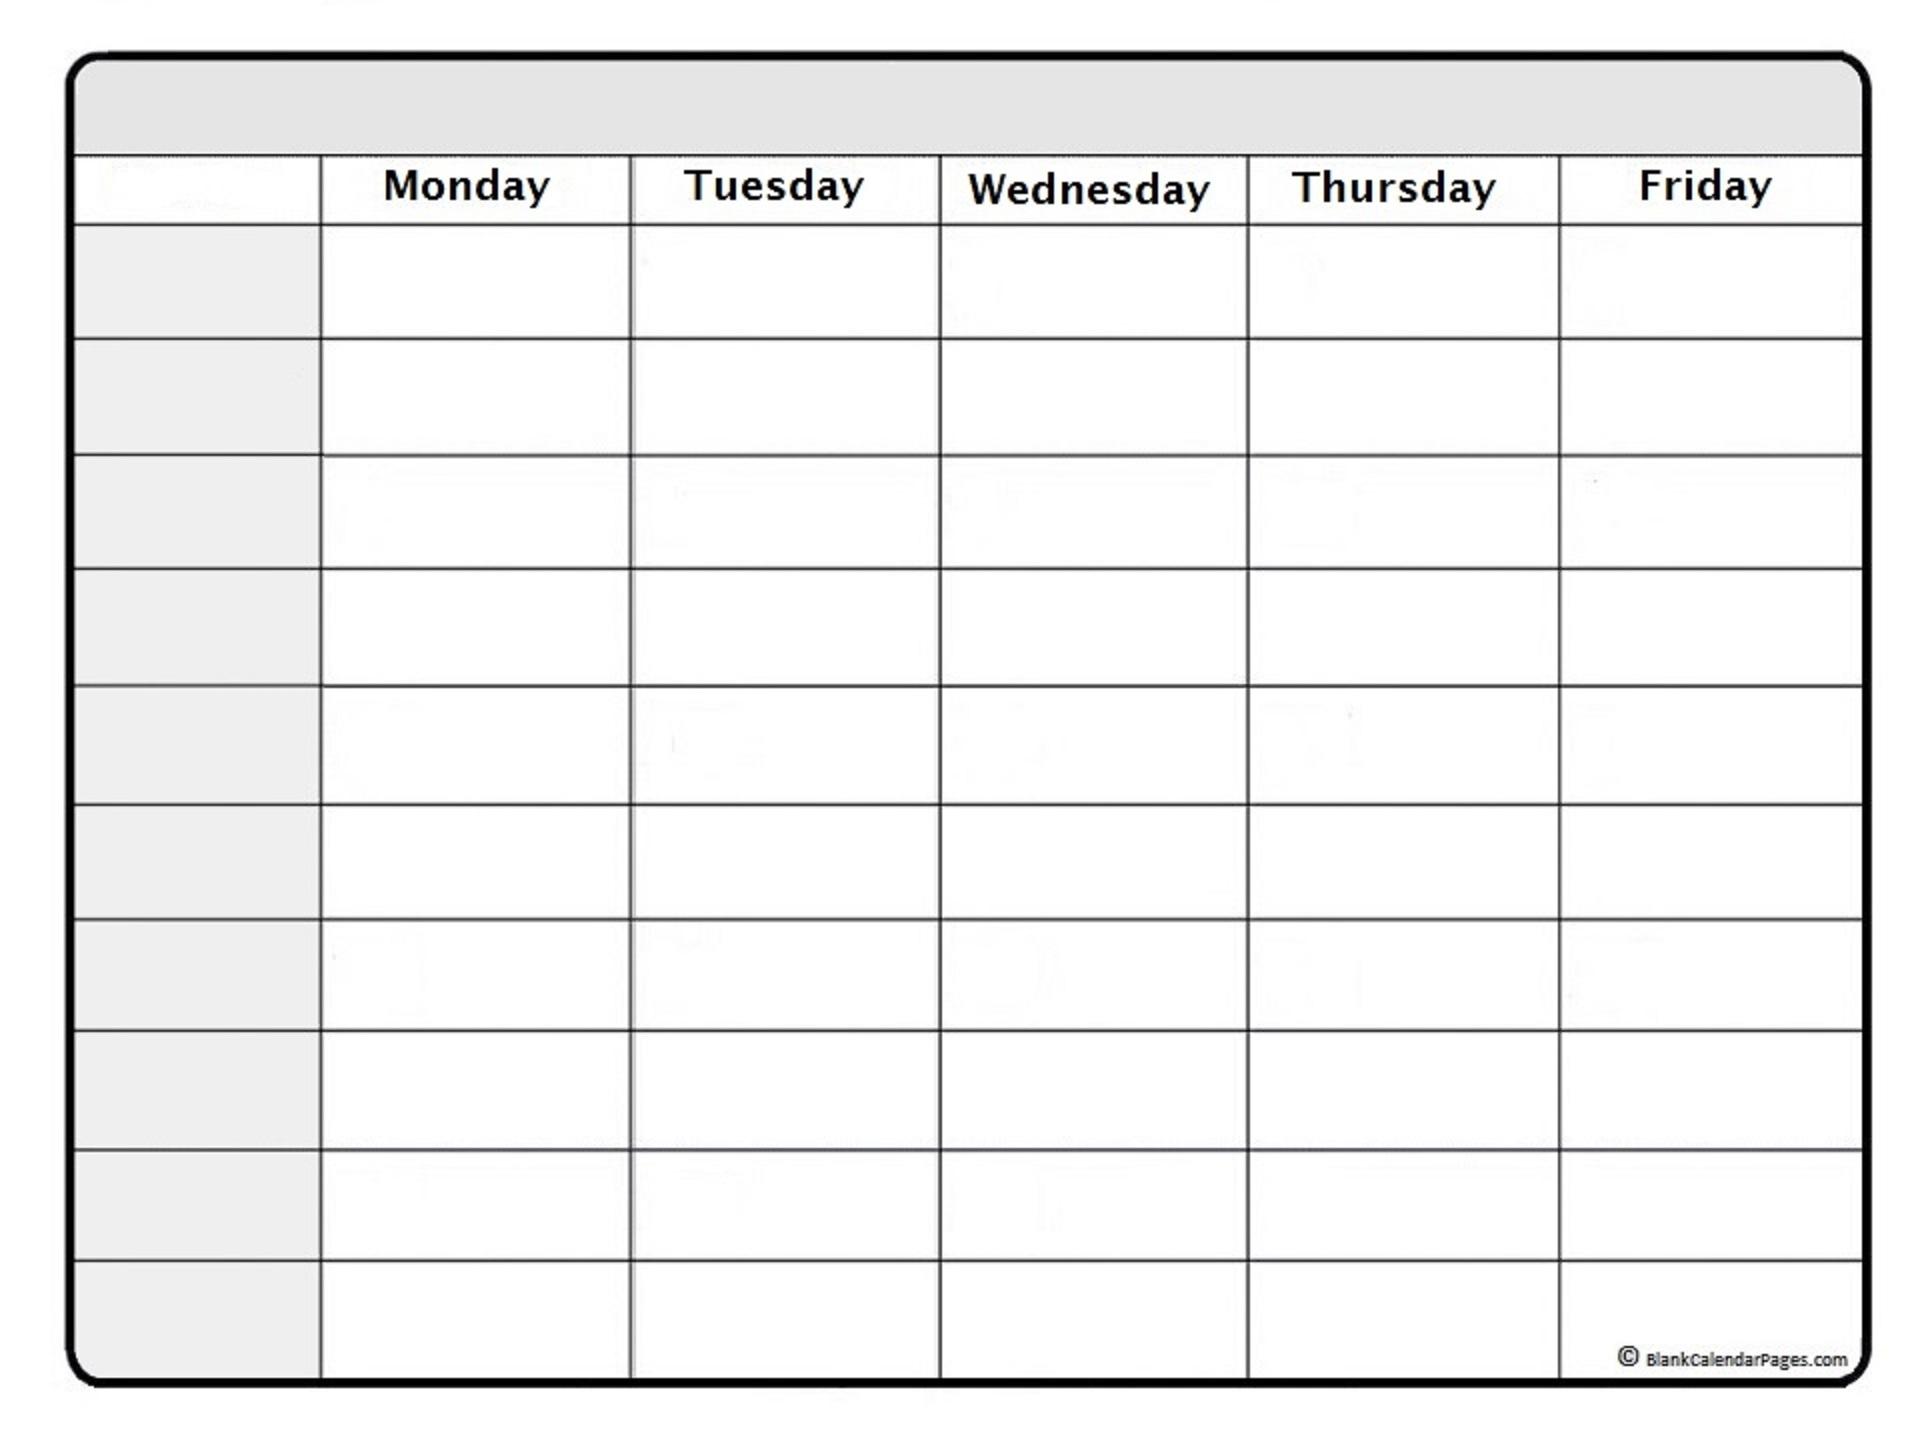 August 2020 Weekly Calendar | August 2020 Weekly Calendar with regard to 1 Week Blank Calendar Free Printable